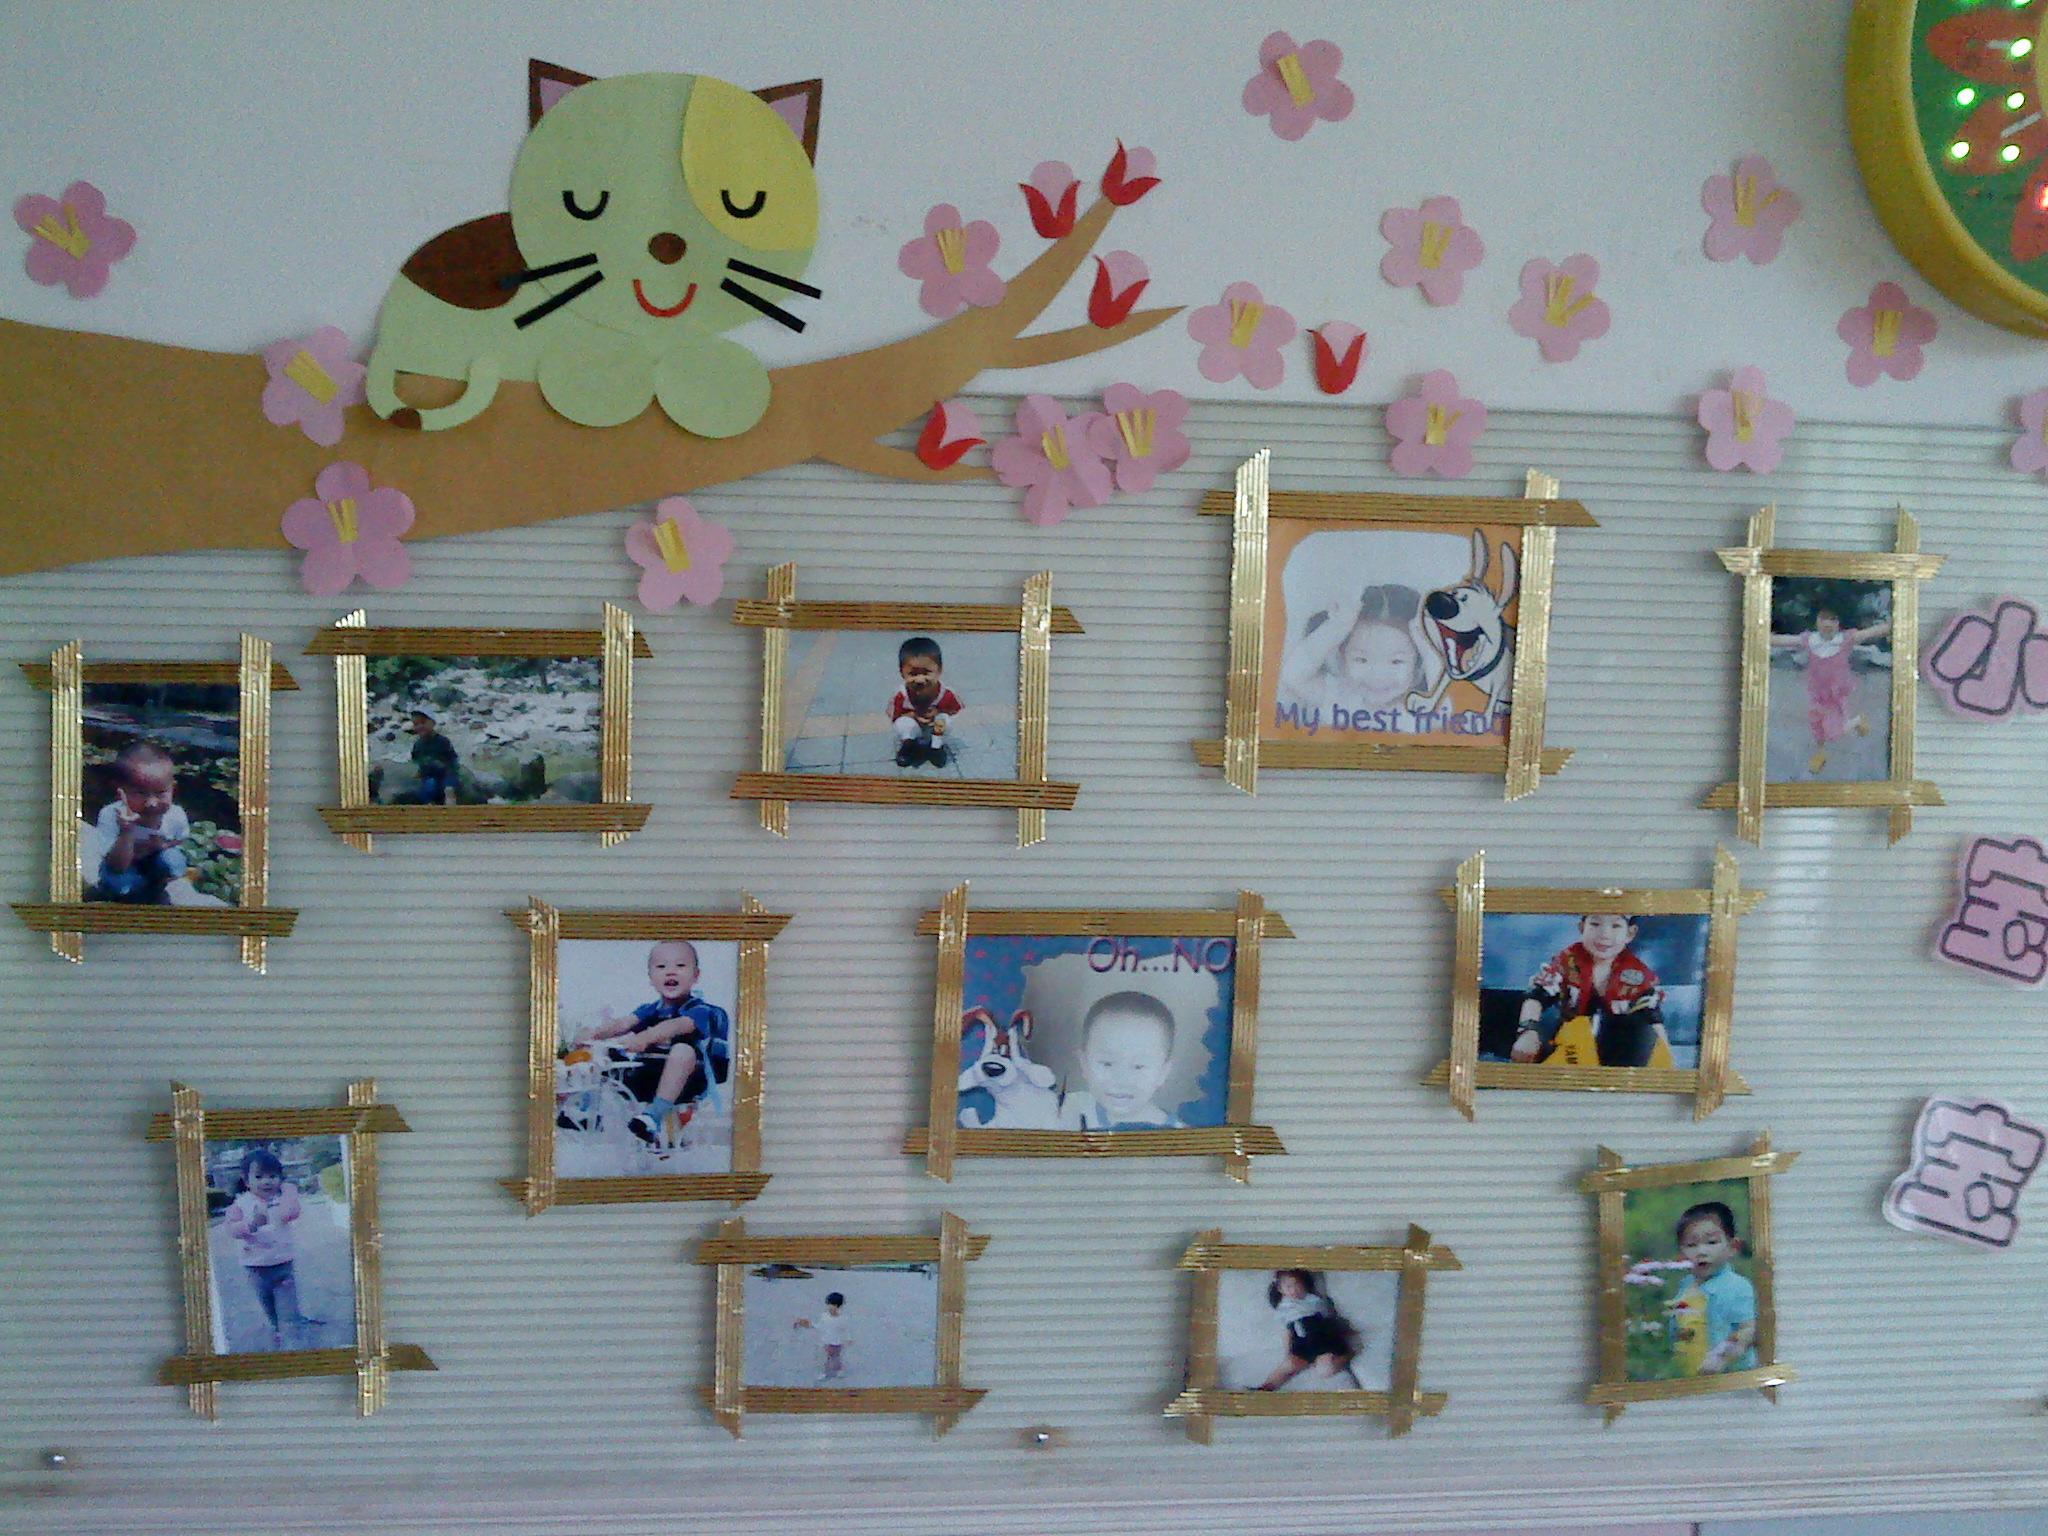 幼儿园手工制作全家福相框图片